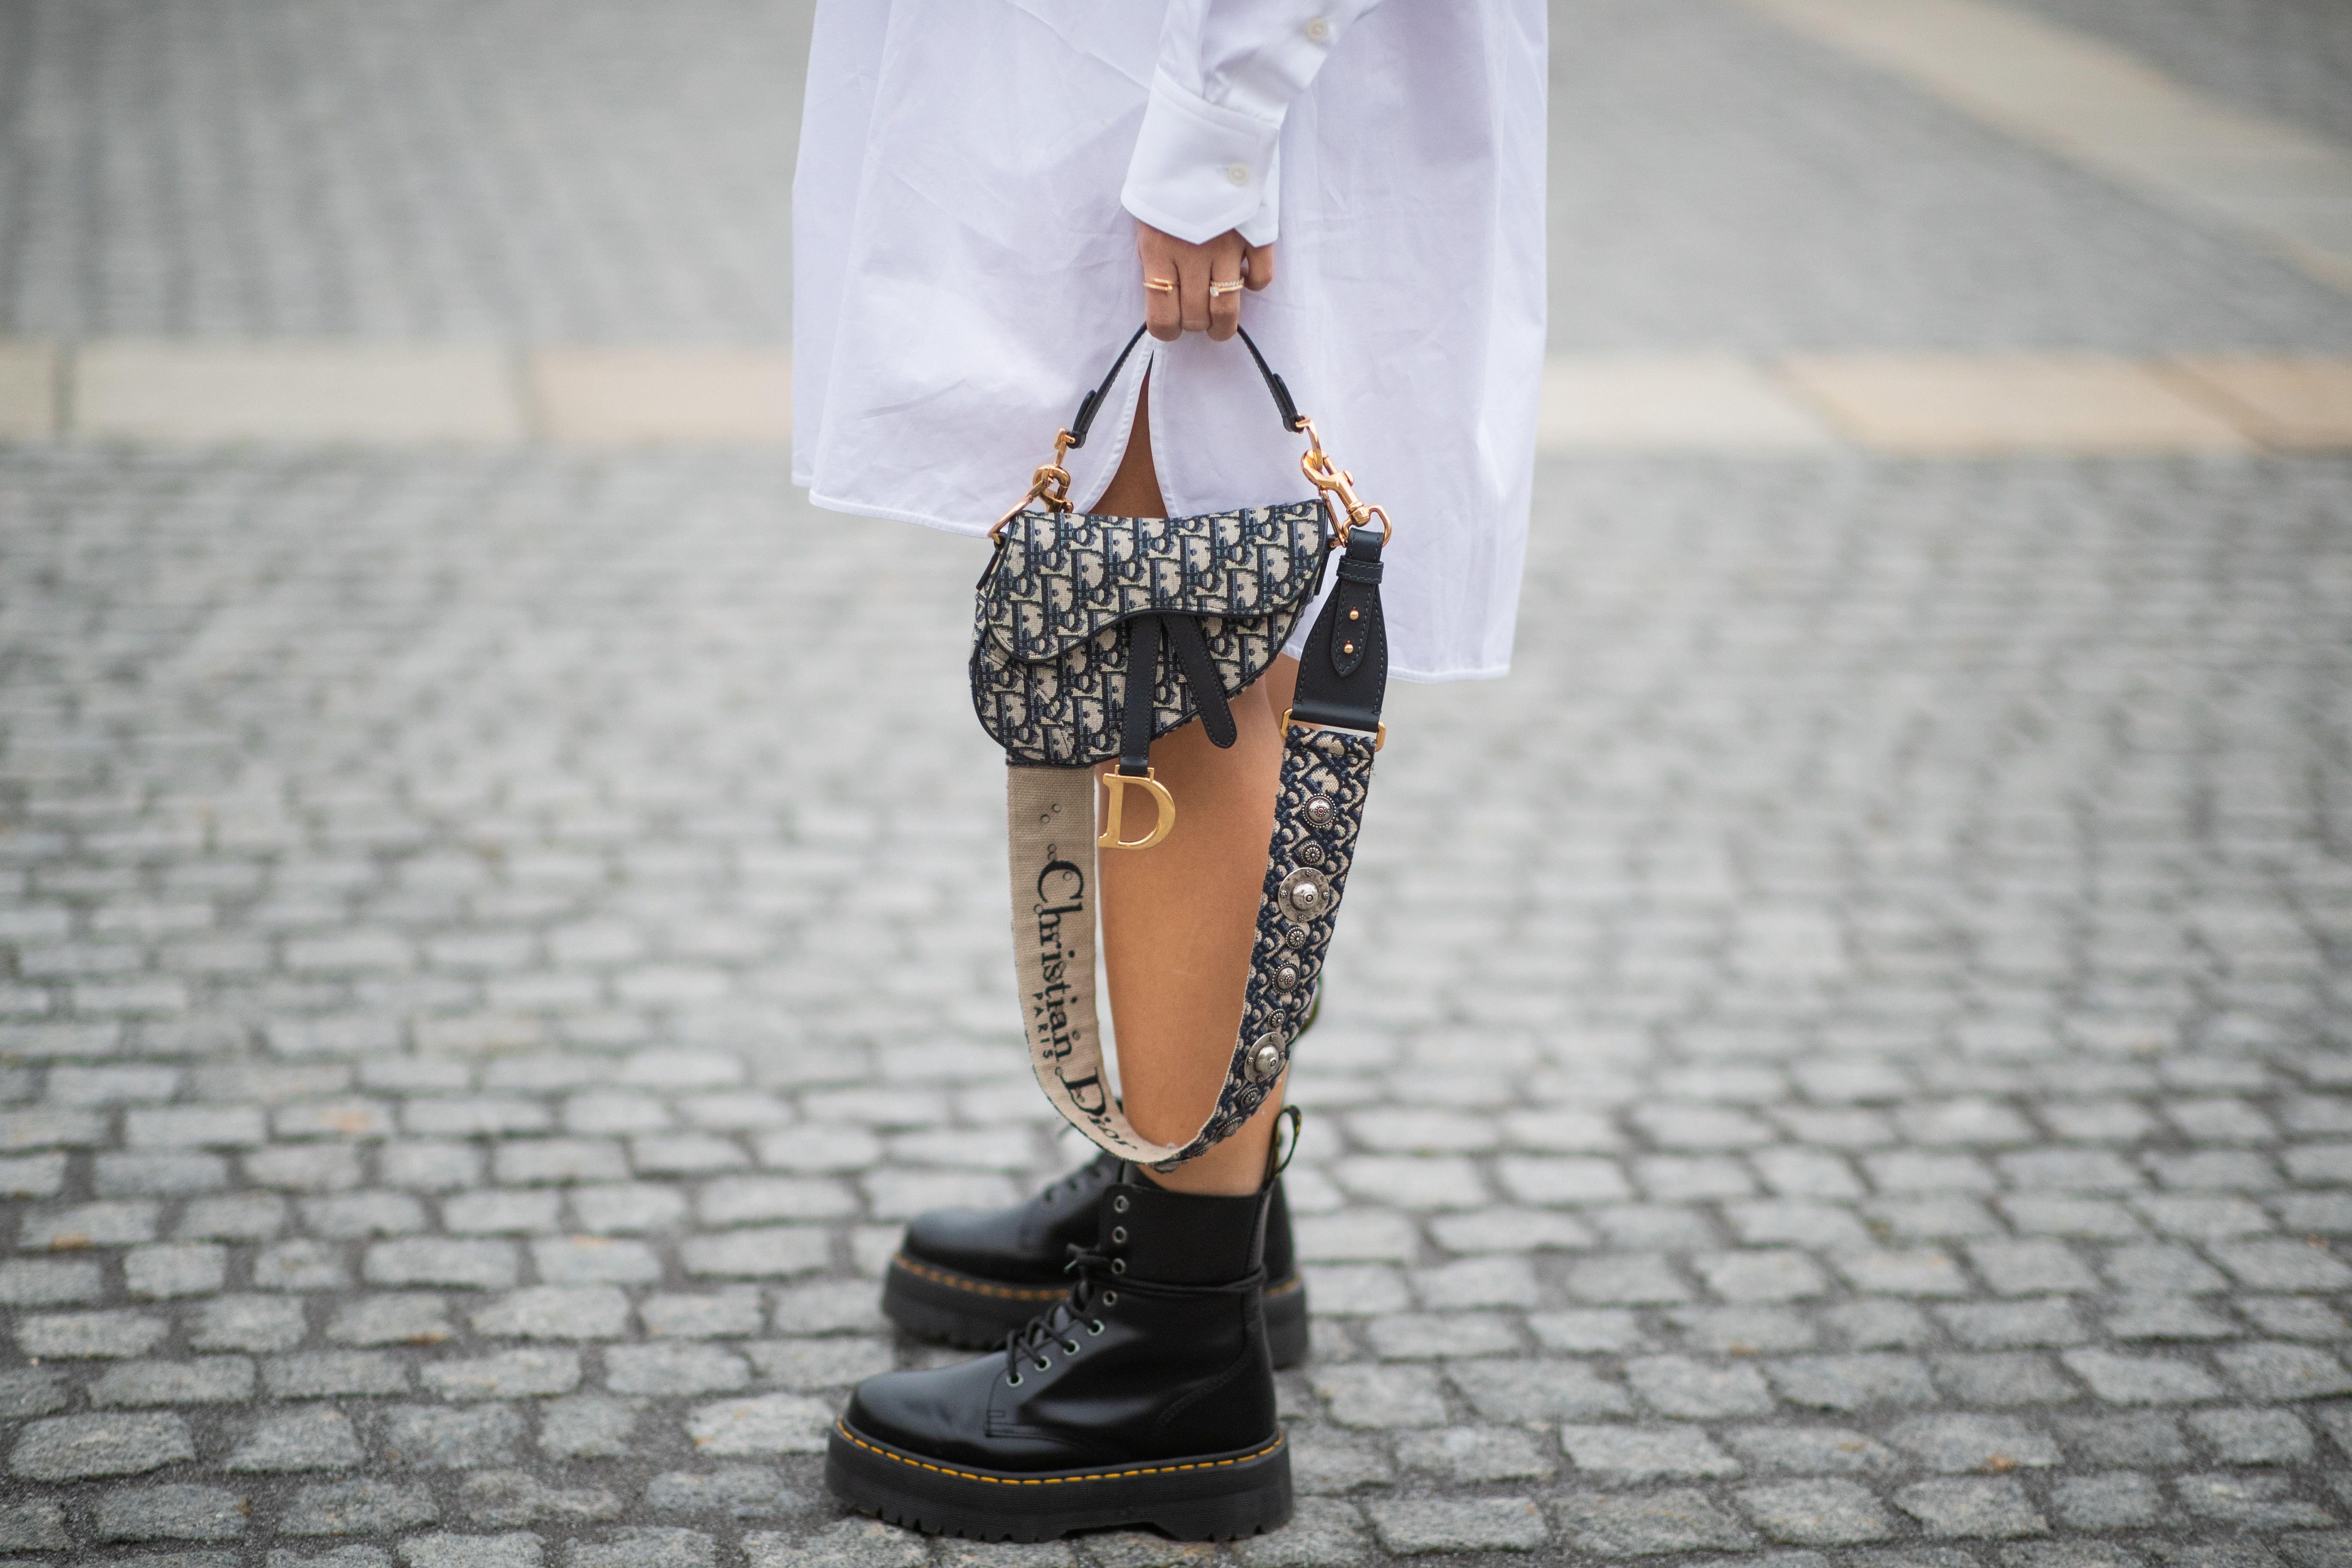 Doc Martens Jadon boots , Topshop\u0027s £40 lookalike pair